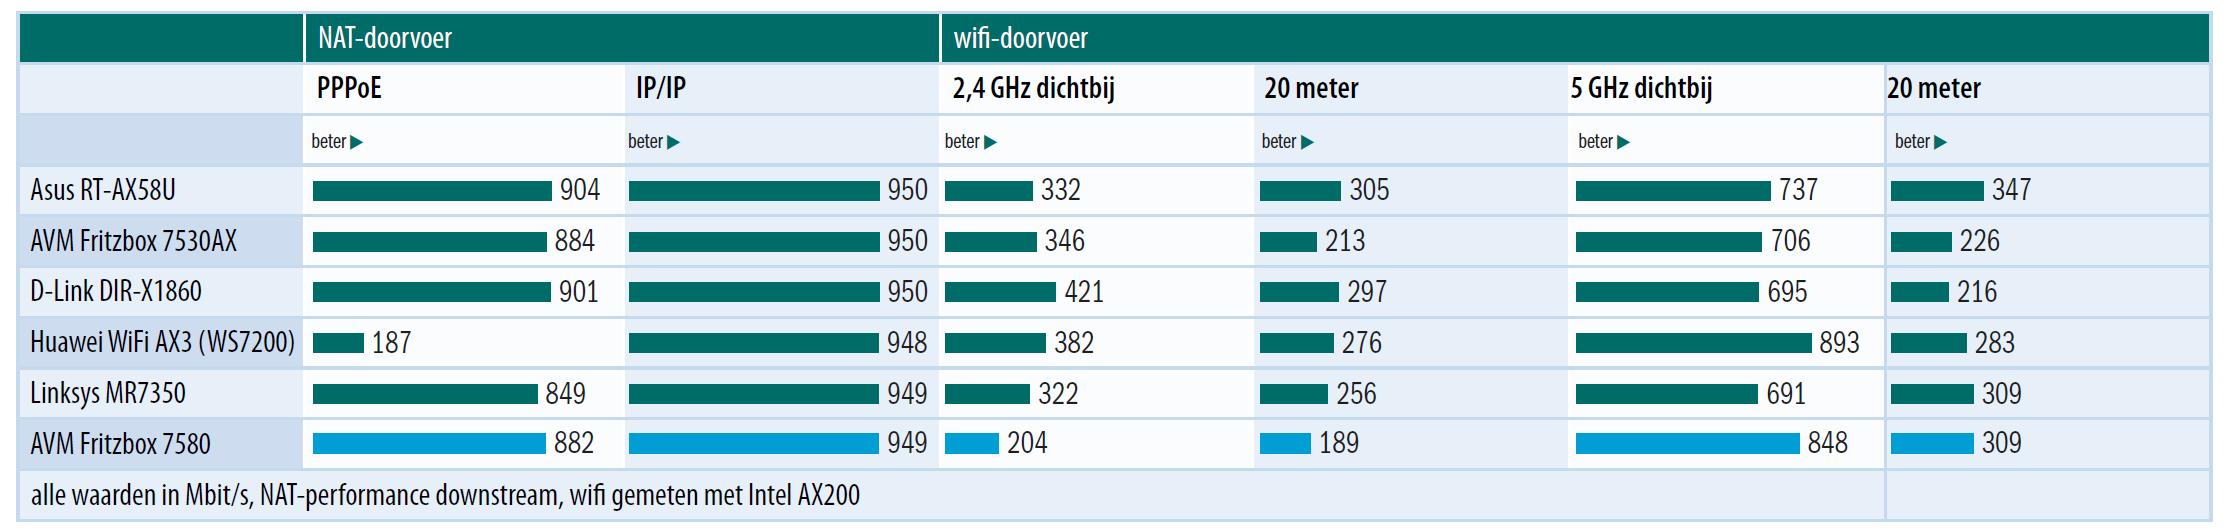 Wi-Fi 6 snelheden router test versus Wi-Fi 5 dichtbij veraf NAT-doorvoer